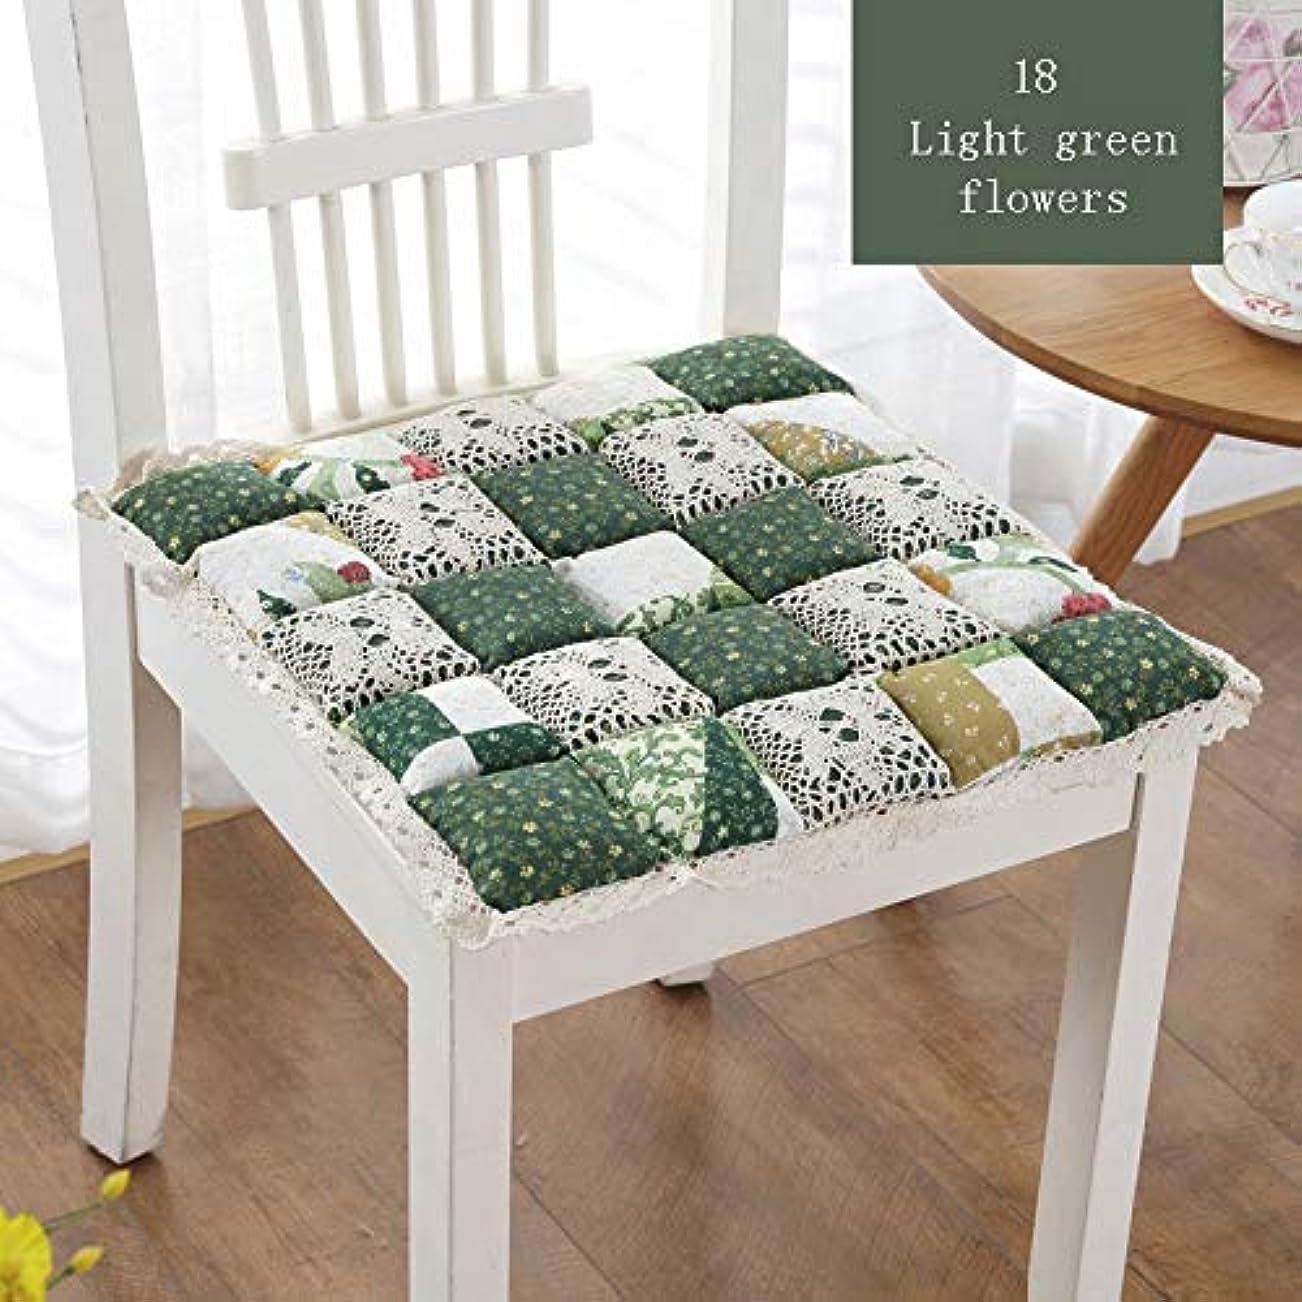 狭い私たち自身有利LIFE 1 個抗褥瘡綿椅子クッション 24 色ファッションオフィス正方形クッション学生チェアクッション家の装飾厚み クッション 椅子